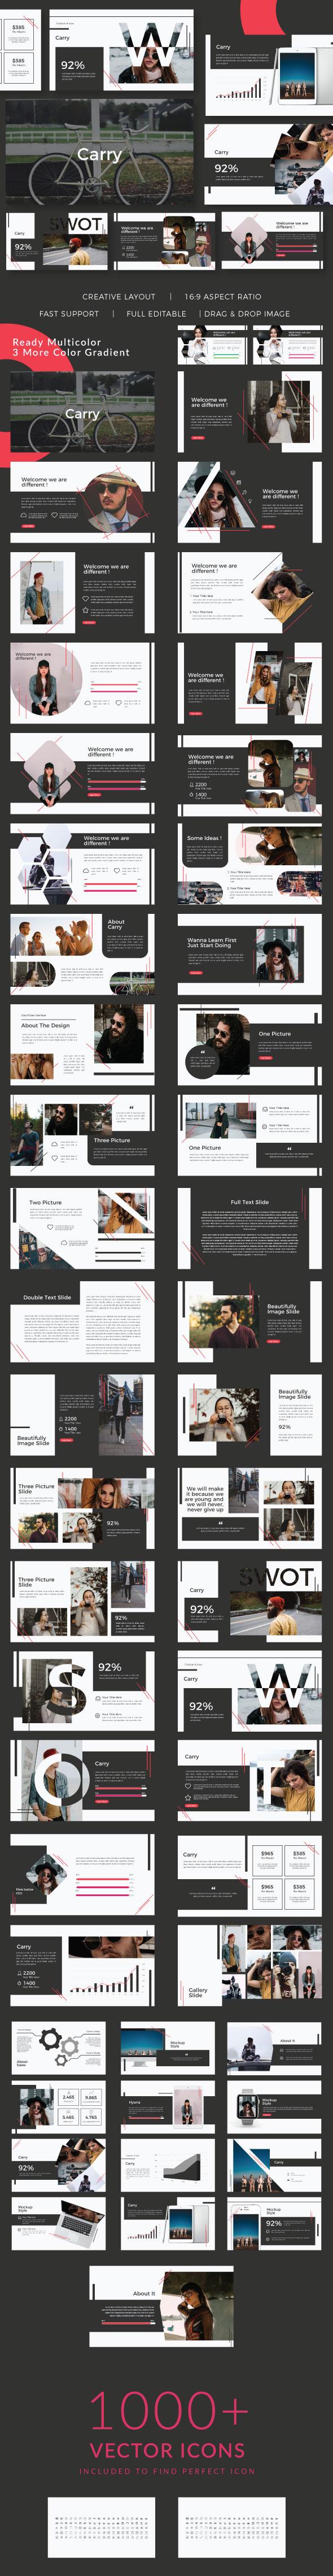 Carry Presentation Google Slide - Google Slides Presentation Templates